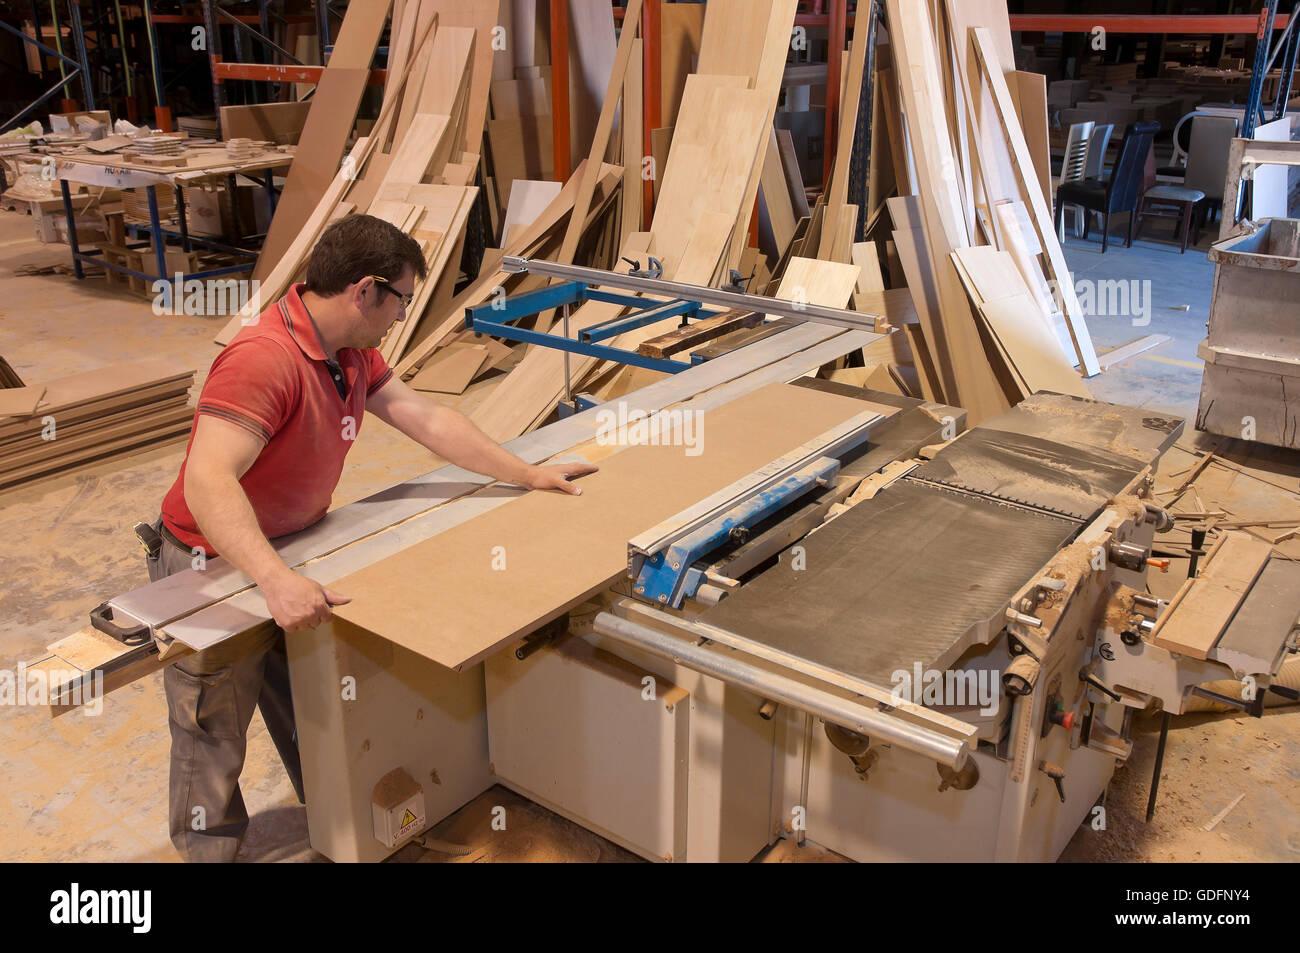 Mobili fabbrica, Lucena, in provincia di Cordoba, regione dell'Andalusia, Spagna, Europa Immagini Stock